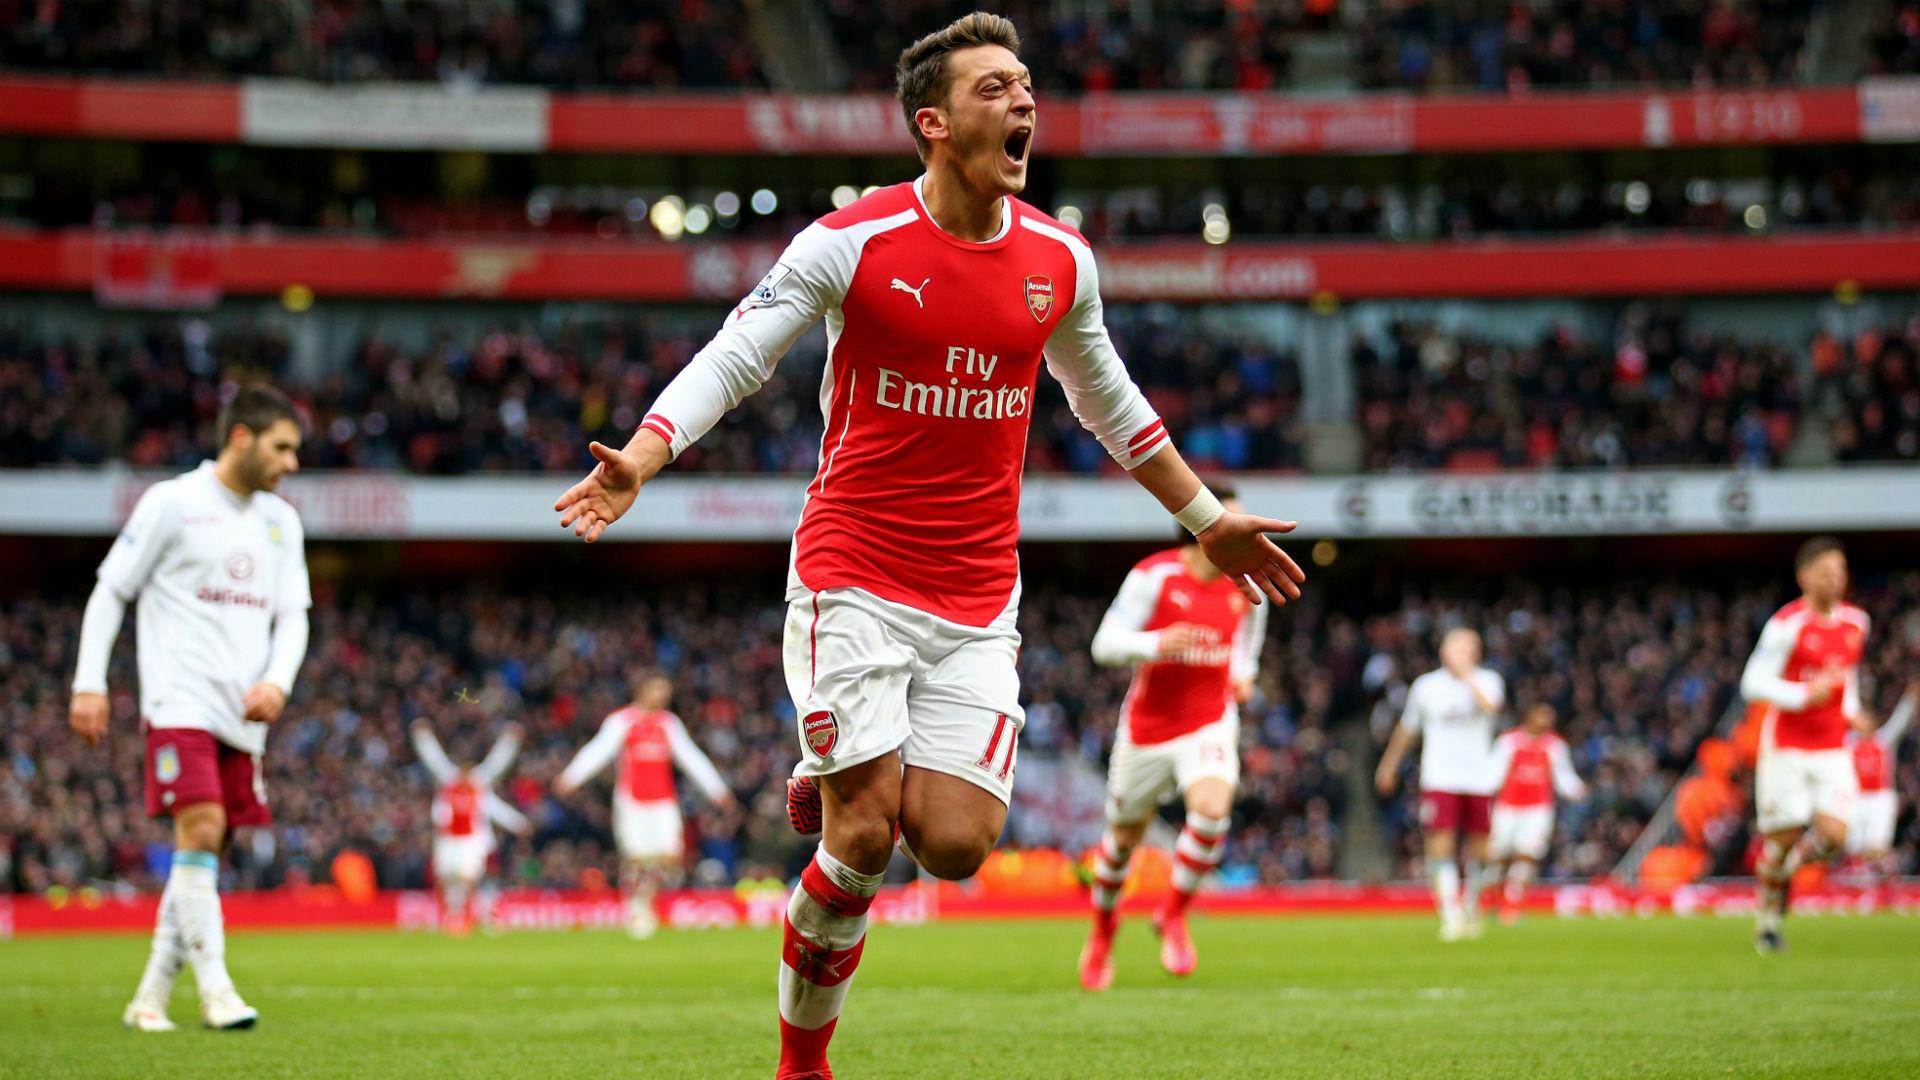 Mesut Ozil Premier League Arsenal v Aston Villa 010215 1920x1080